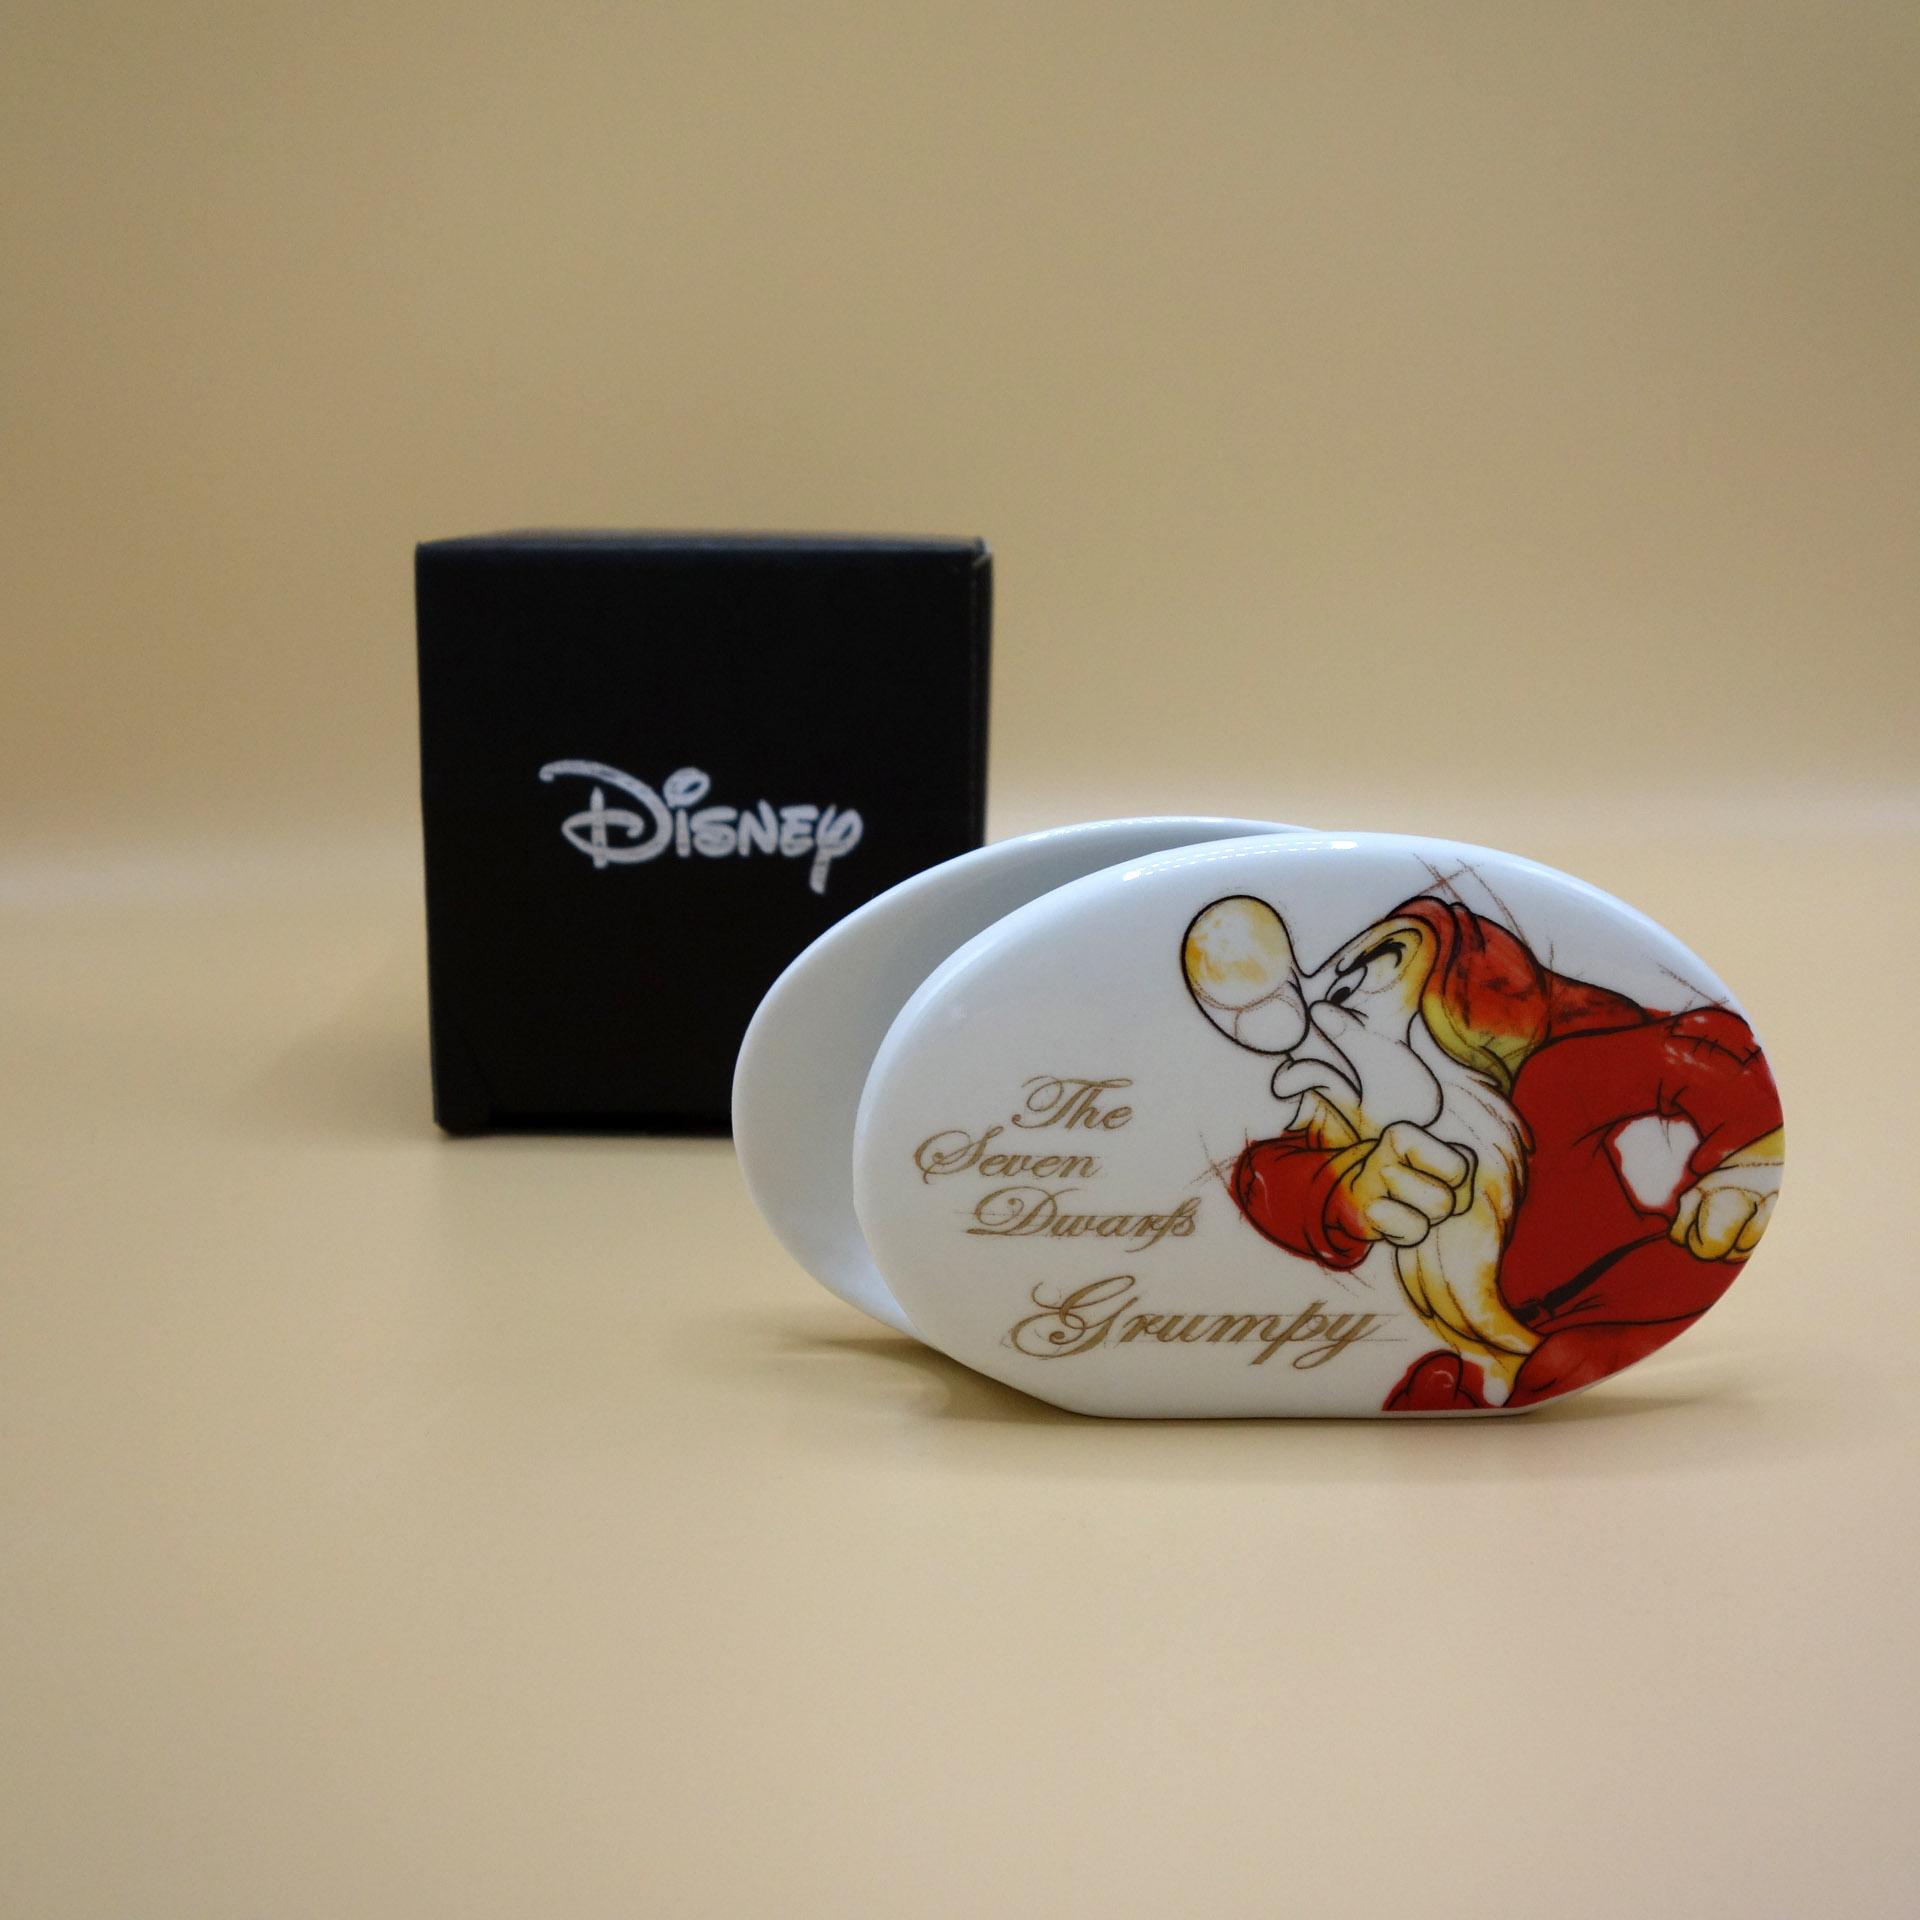 Egan Disney 7 Zwerge Servietten Halter